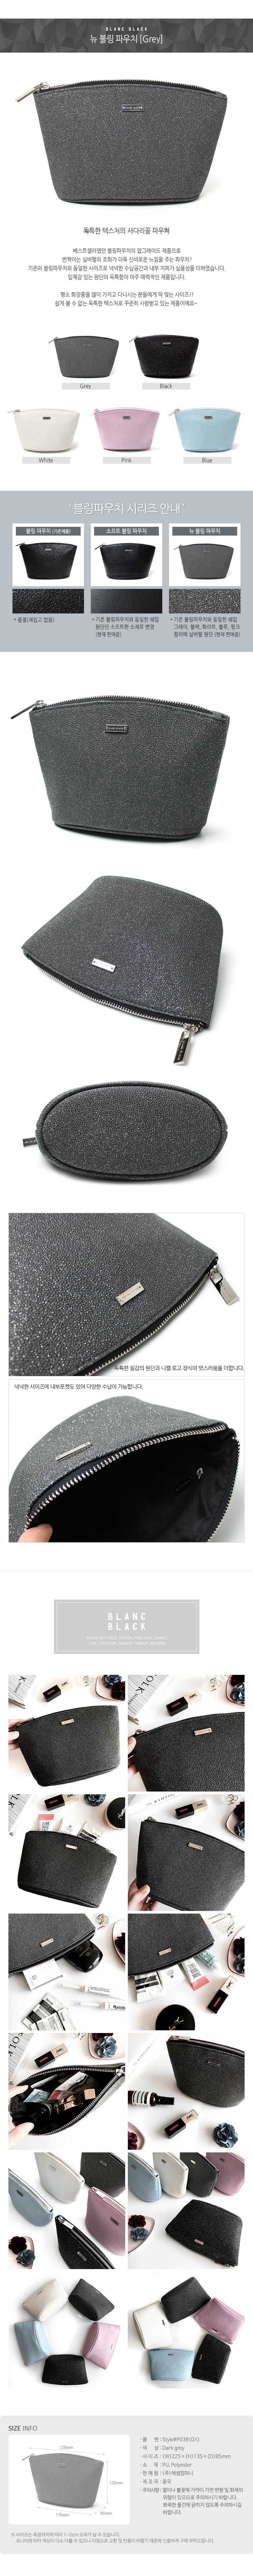 블랑블랙(BLANCBLACK) [블랑블랙] 뉴 블링 파우치 [Grey]